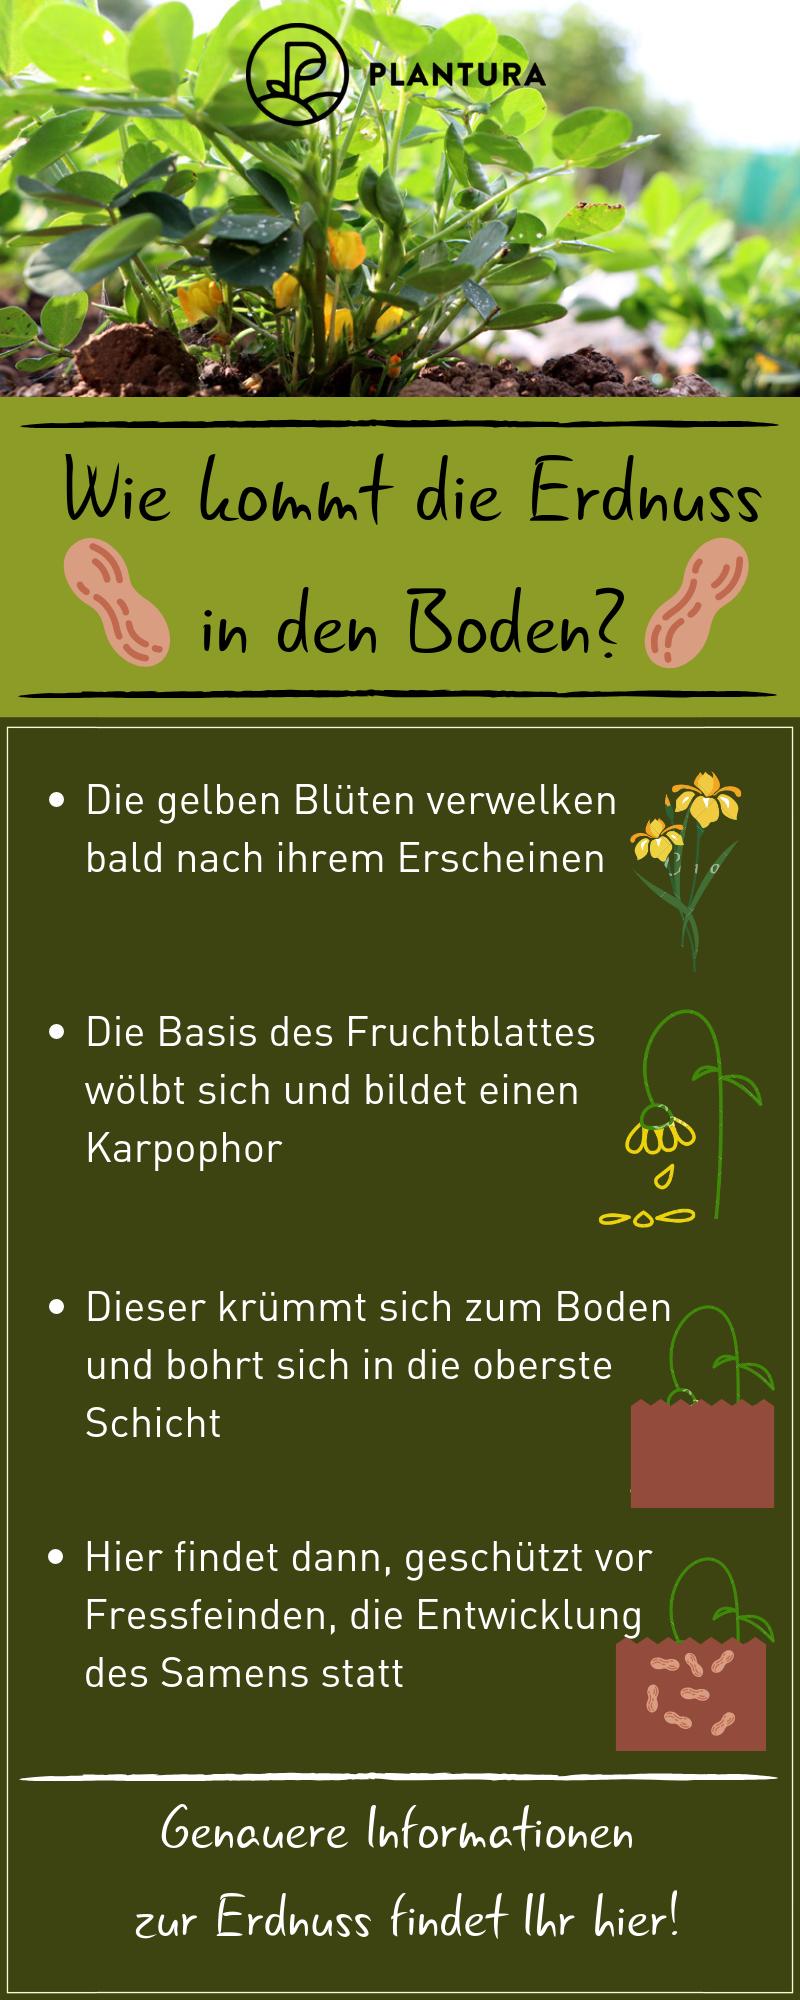 Wie Kommt Die Erdnuss In Den Boden Wer Sich Das Schon Immer Gefragt Hat Erfahrt Jetzt Endlich Die Antwort Wir Erklaren Euch Erdnuss Garten Pflanzen Pflanzen